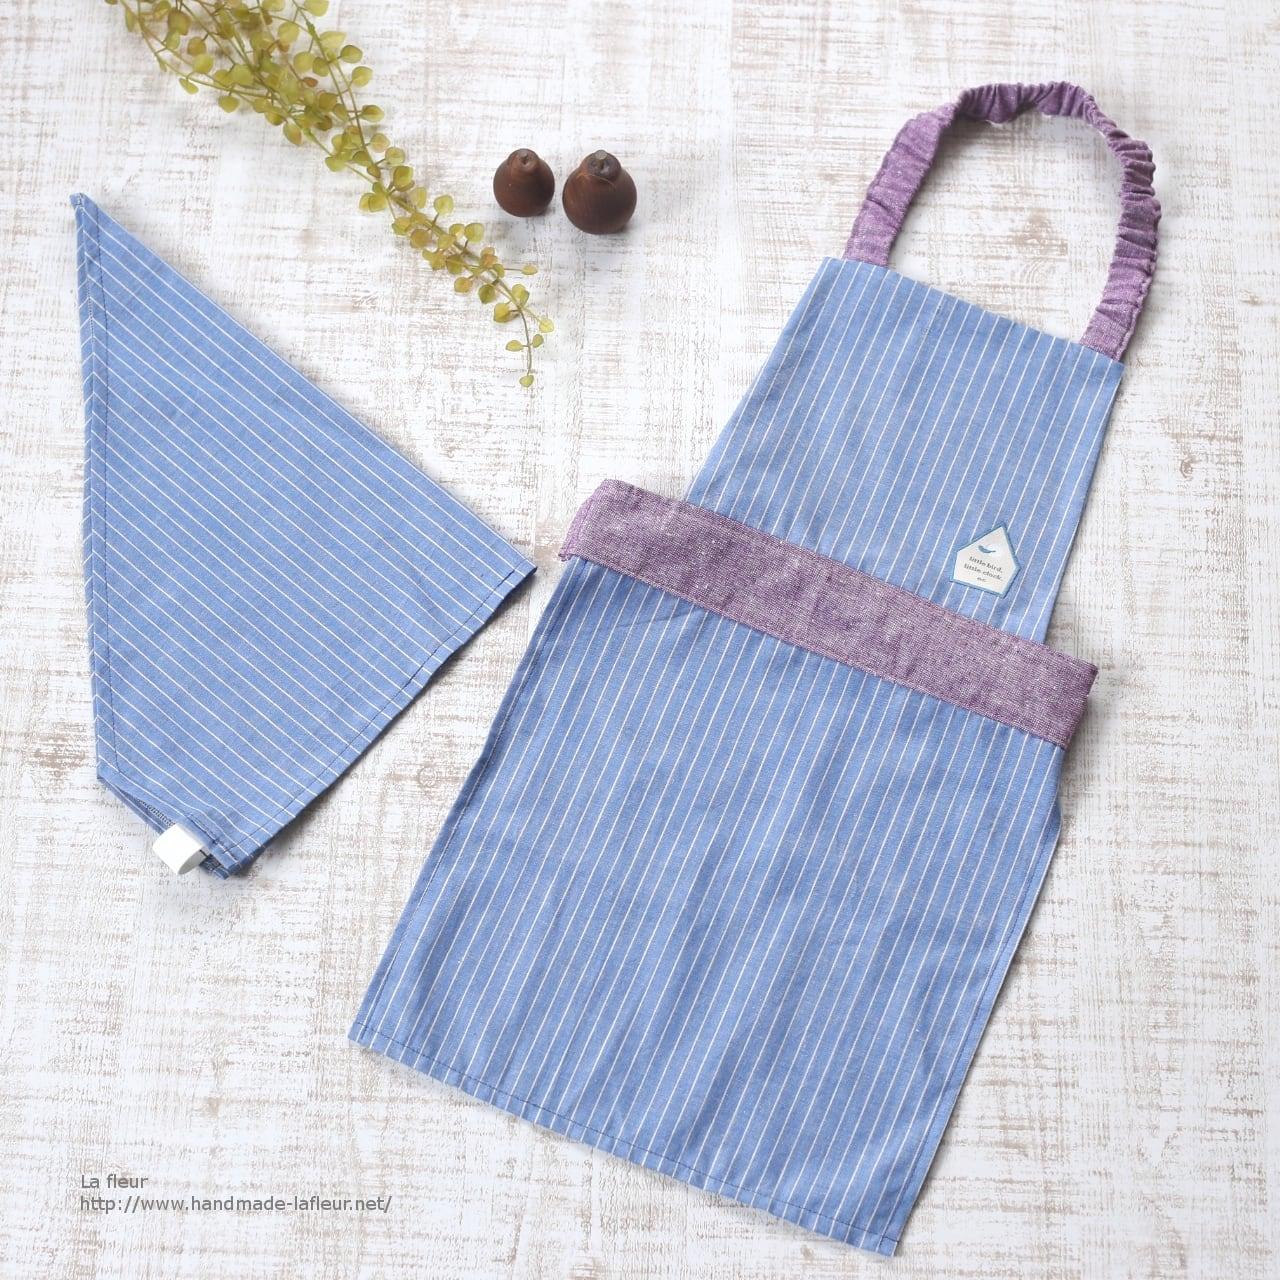 【100-120】キッズエプロン・三角巾セット ブルーストライプ 男の子・女の子用/La fleur